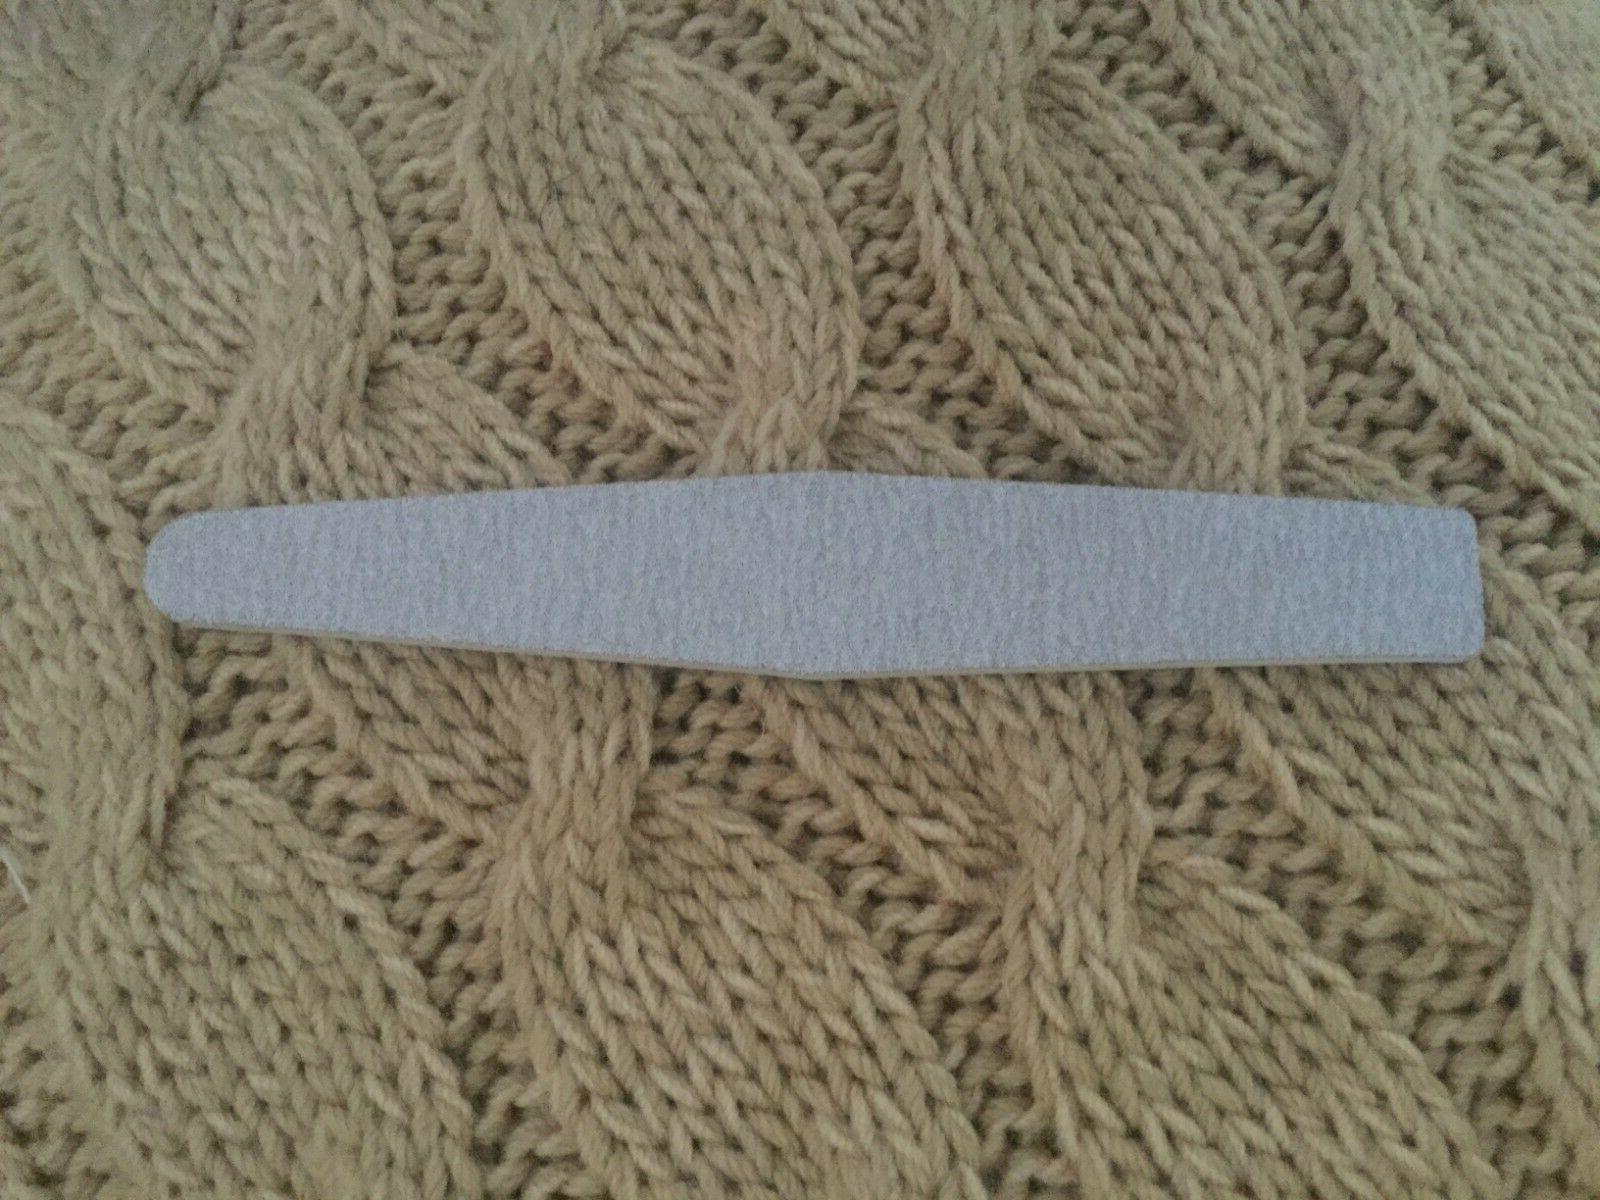 OPI EDGE Silver Home Manicure Mani Pedi -